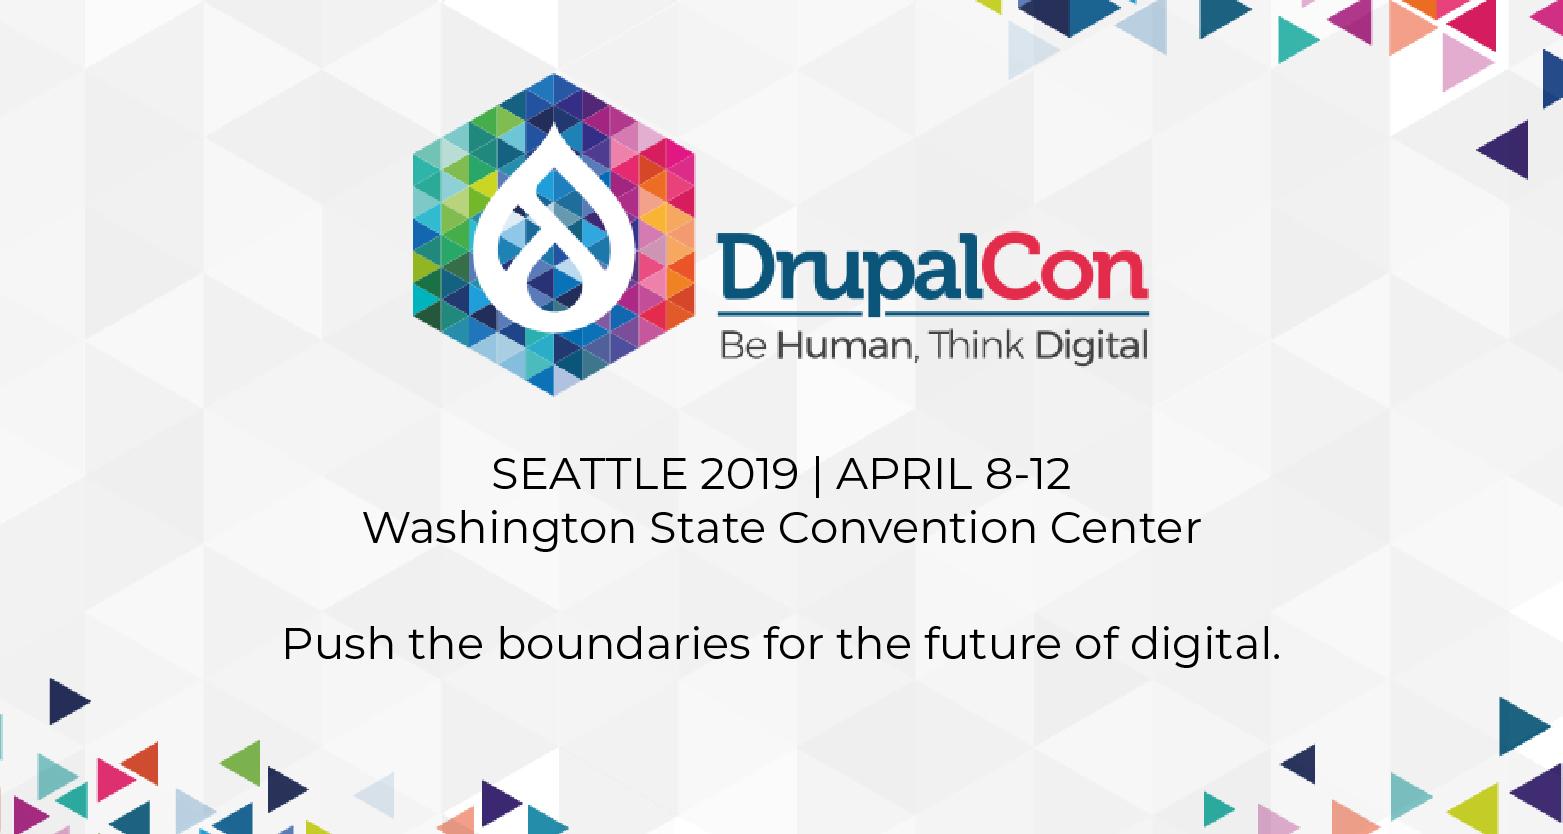 DrupalCon Seattle